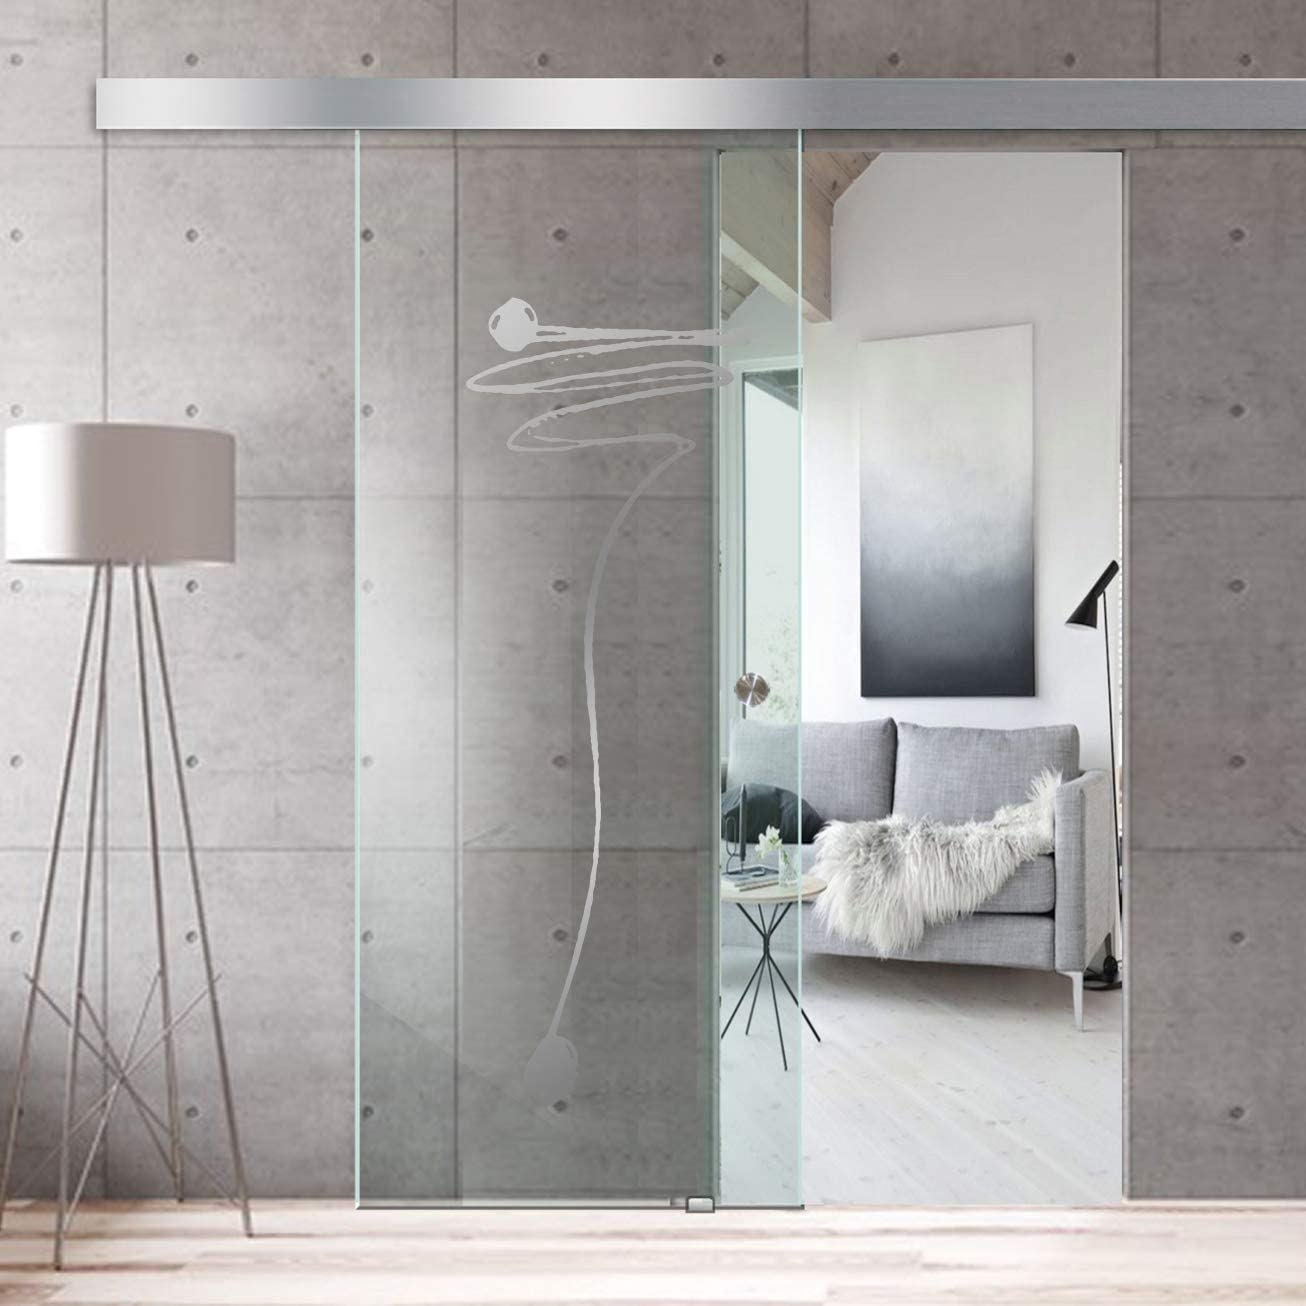 Modern Glass Art - Puerta de cristal deslizante para Boss de diseño interior - Cristal templado de seguridad de 8 mm de grosor, nano revestido, accesorios de acero inoxidable SS304, transparente: Amazon.es: